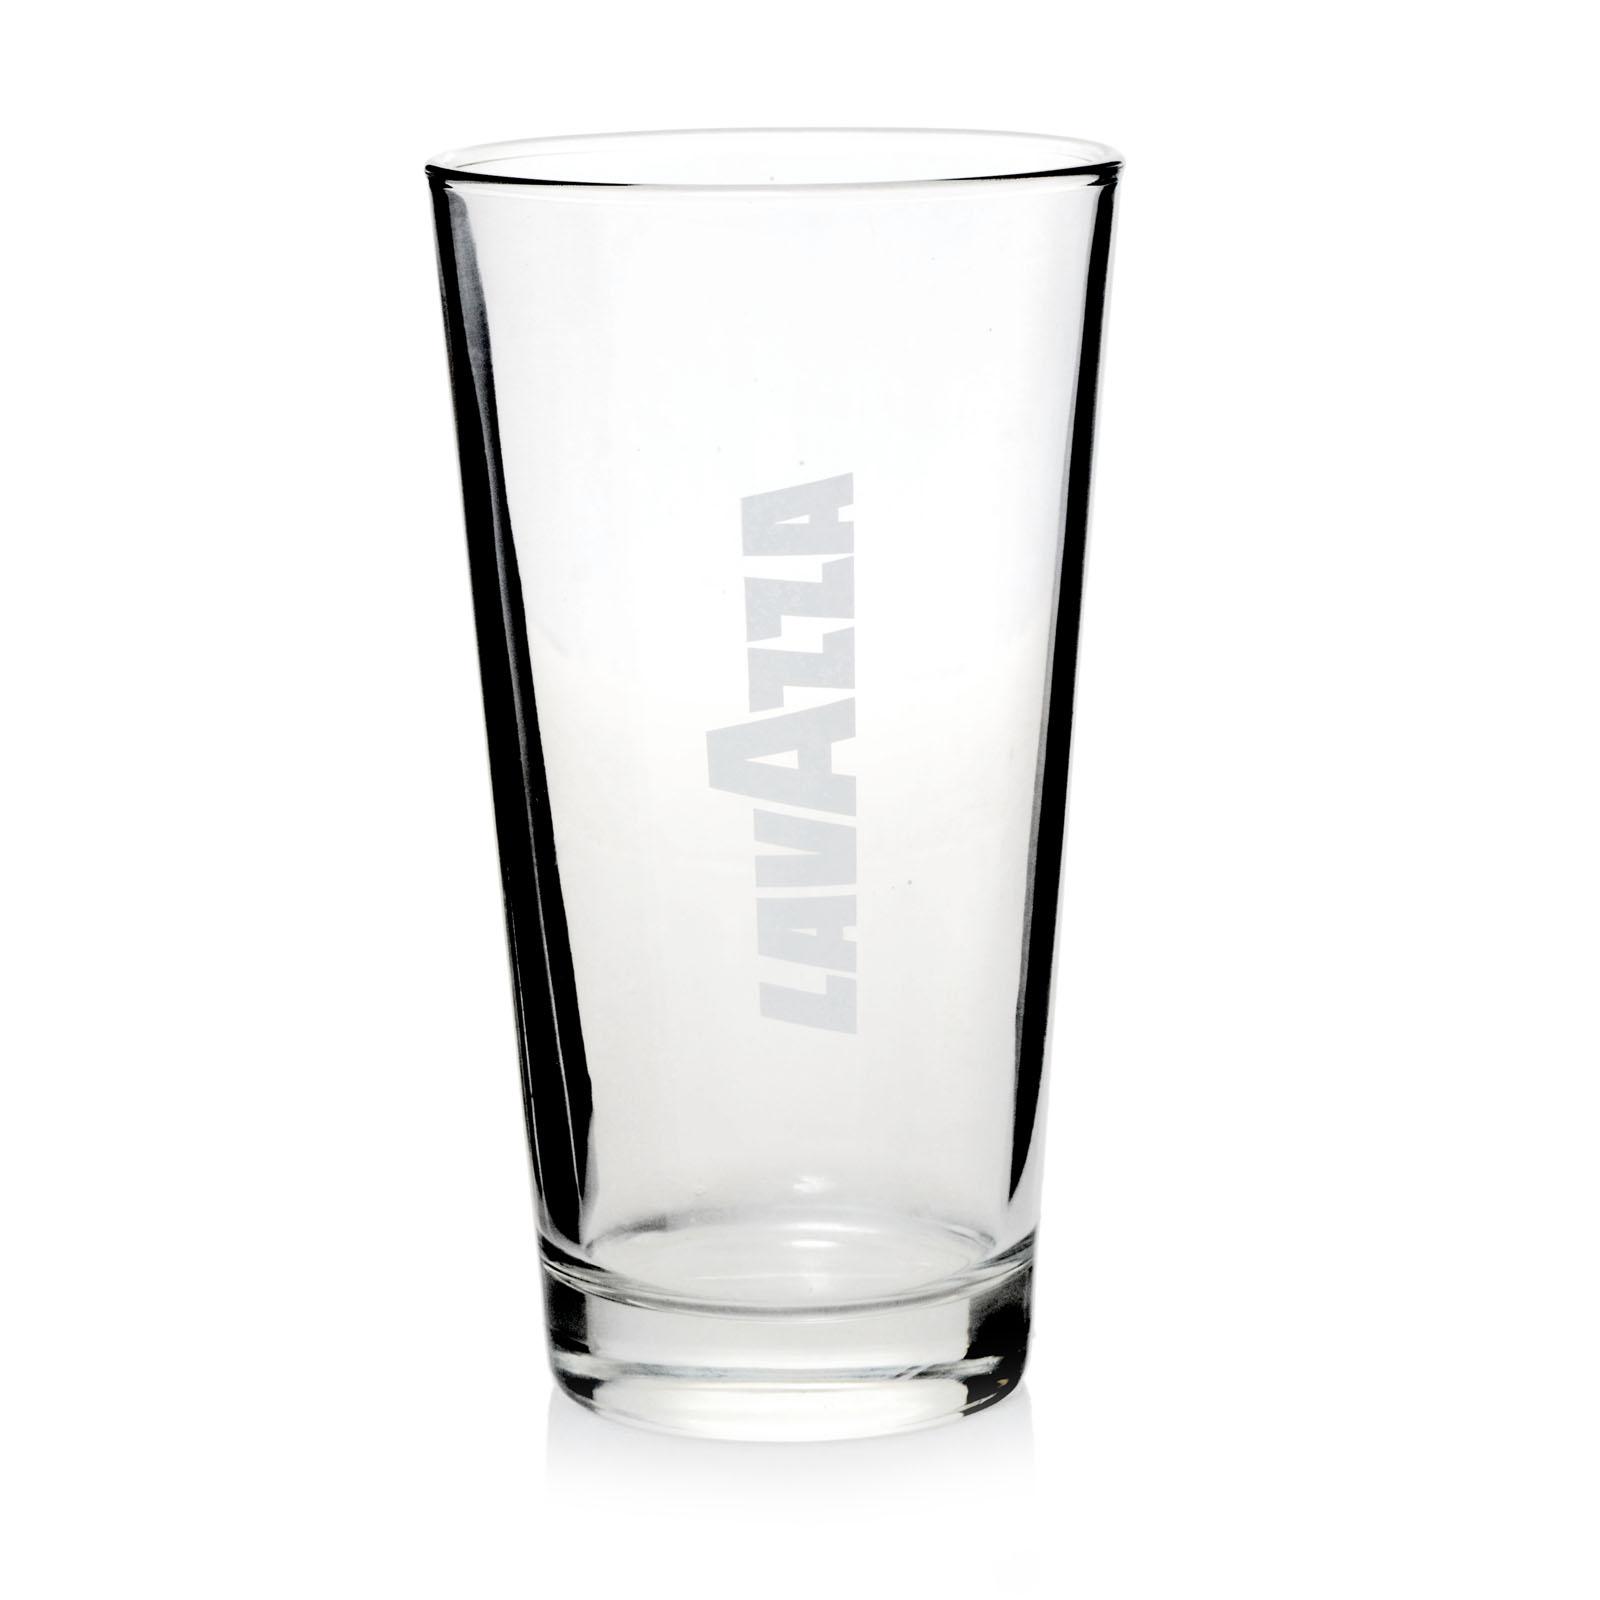 Lavazza Glas Latte Macchiato Gläser OCS BLU Collection 1 Stk.